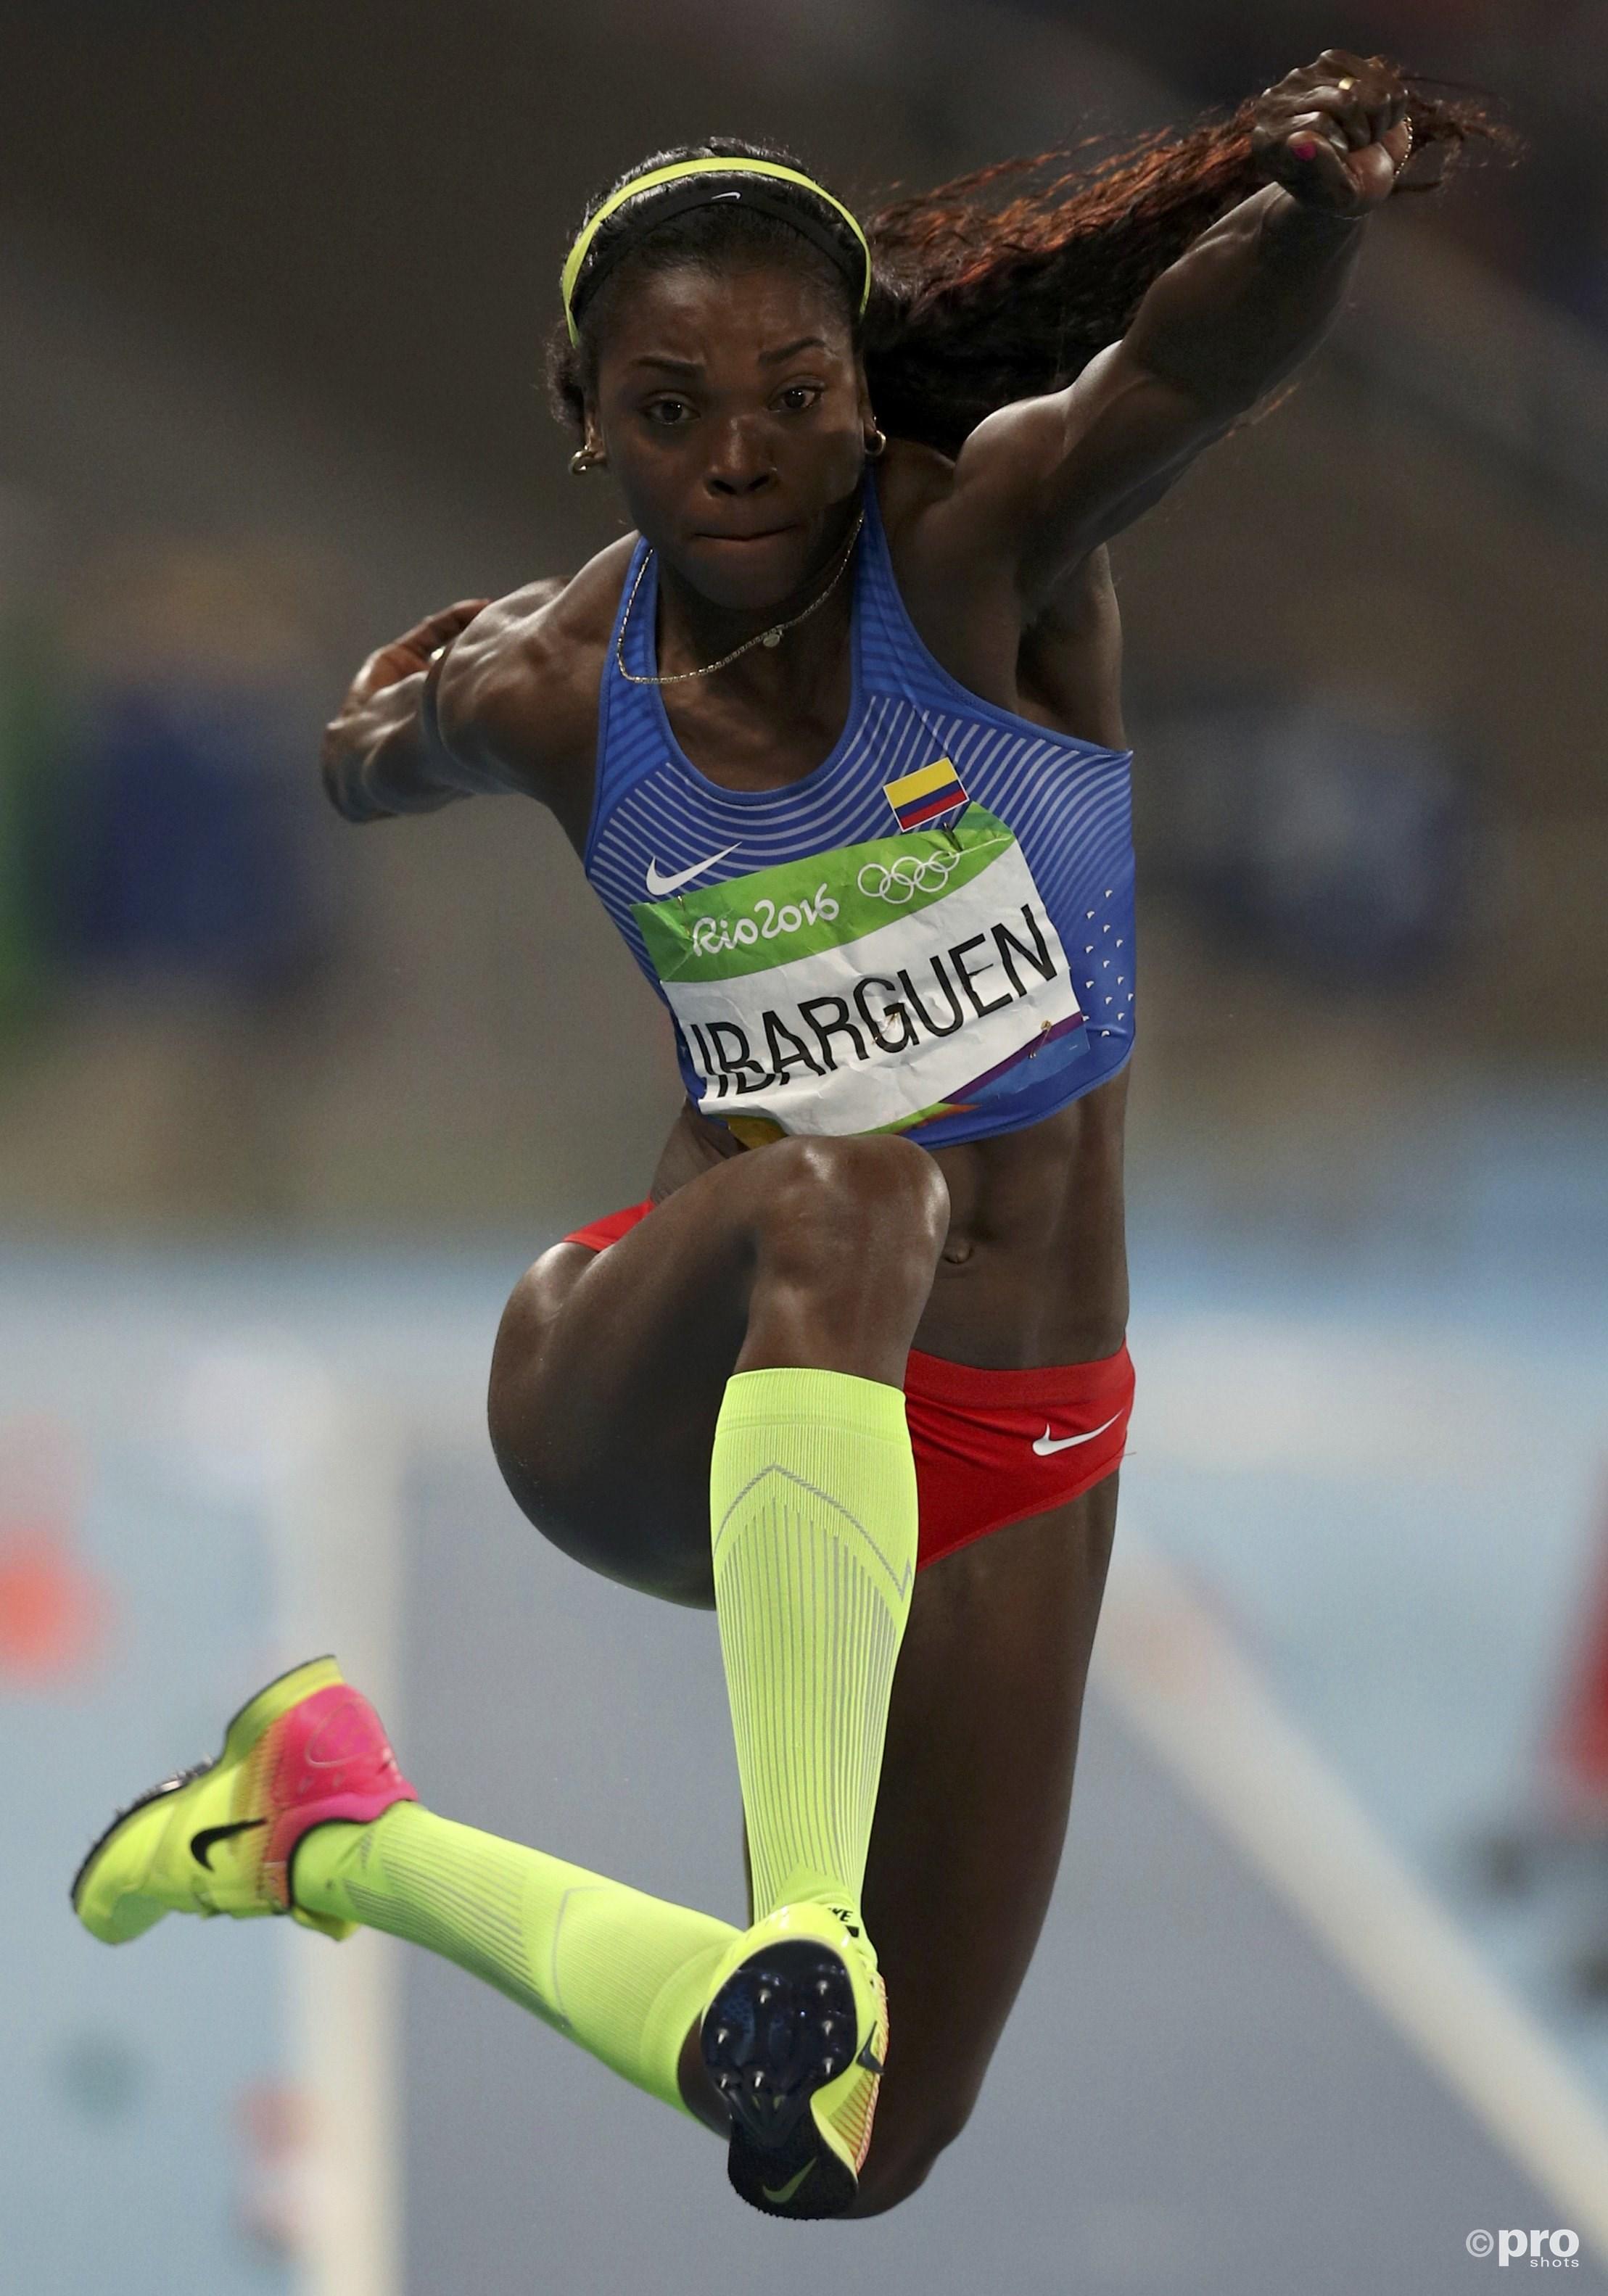 Ibargüen zet een stap op weg naar olympisch goud (PROSHOTS/Action Images)